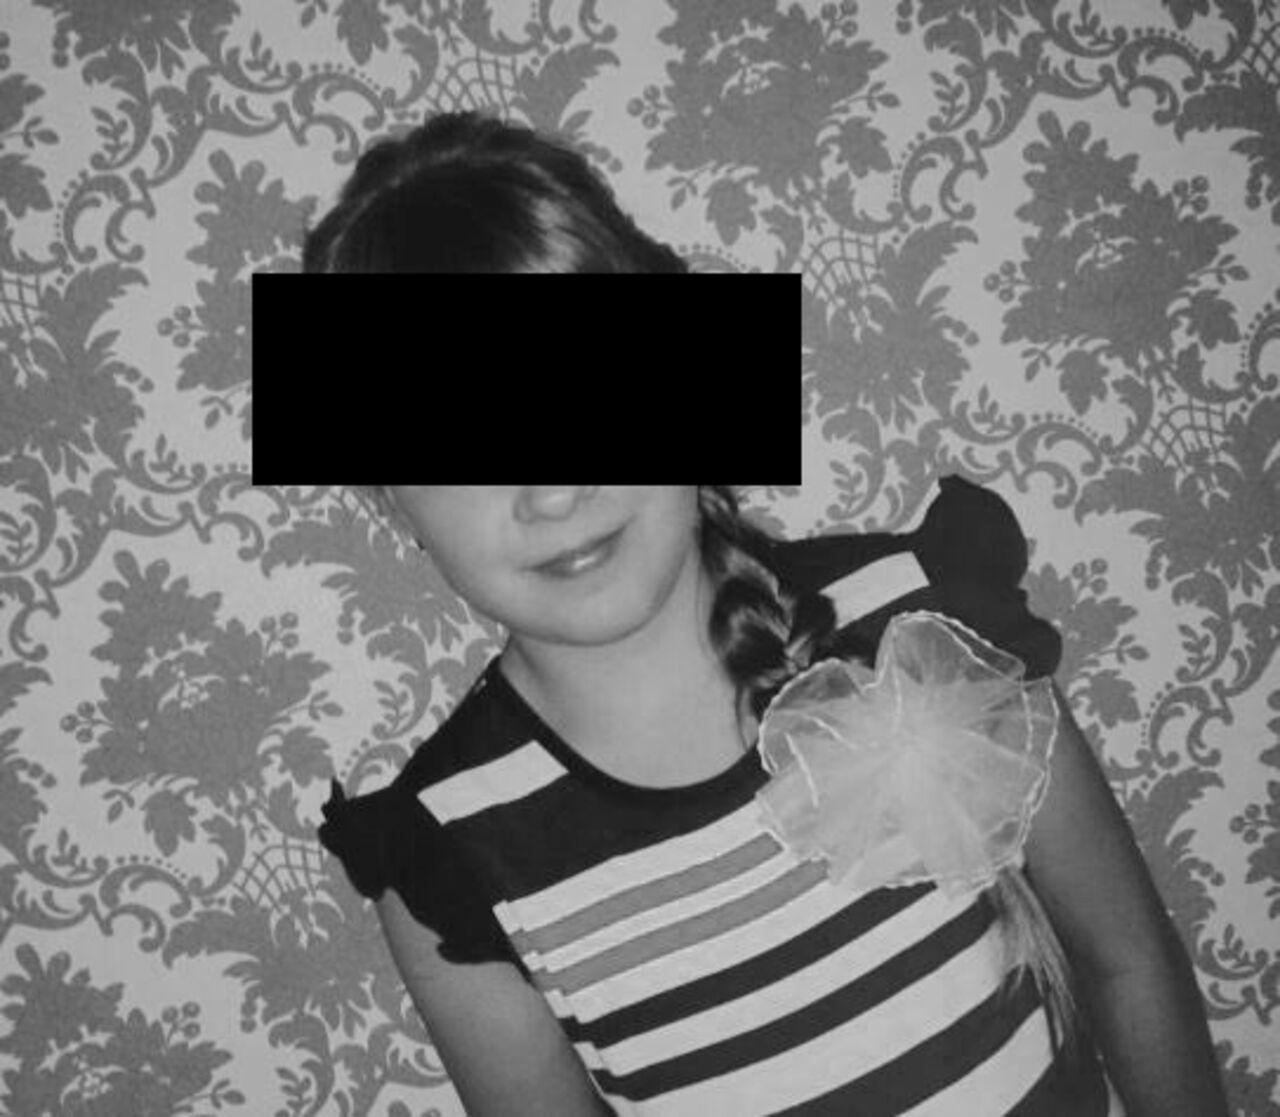 Насильник живой сбросил Викторию Реймер вштрек